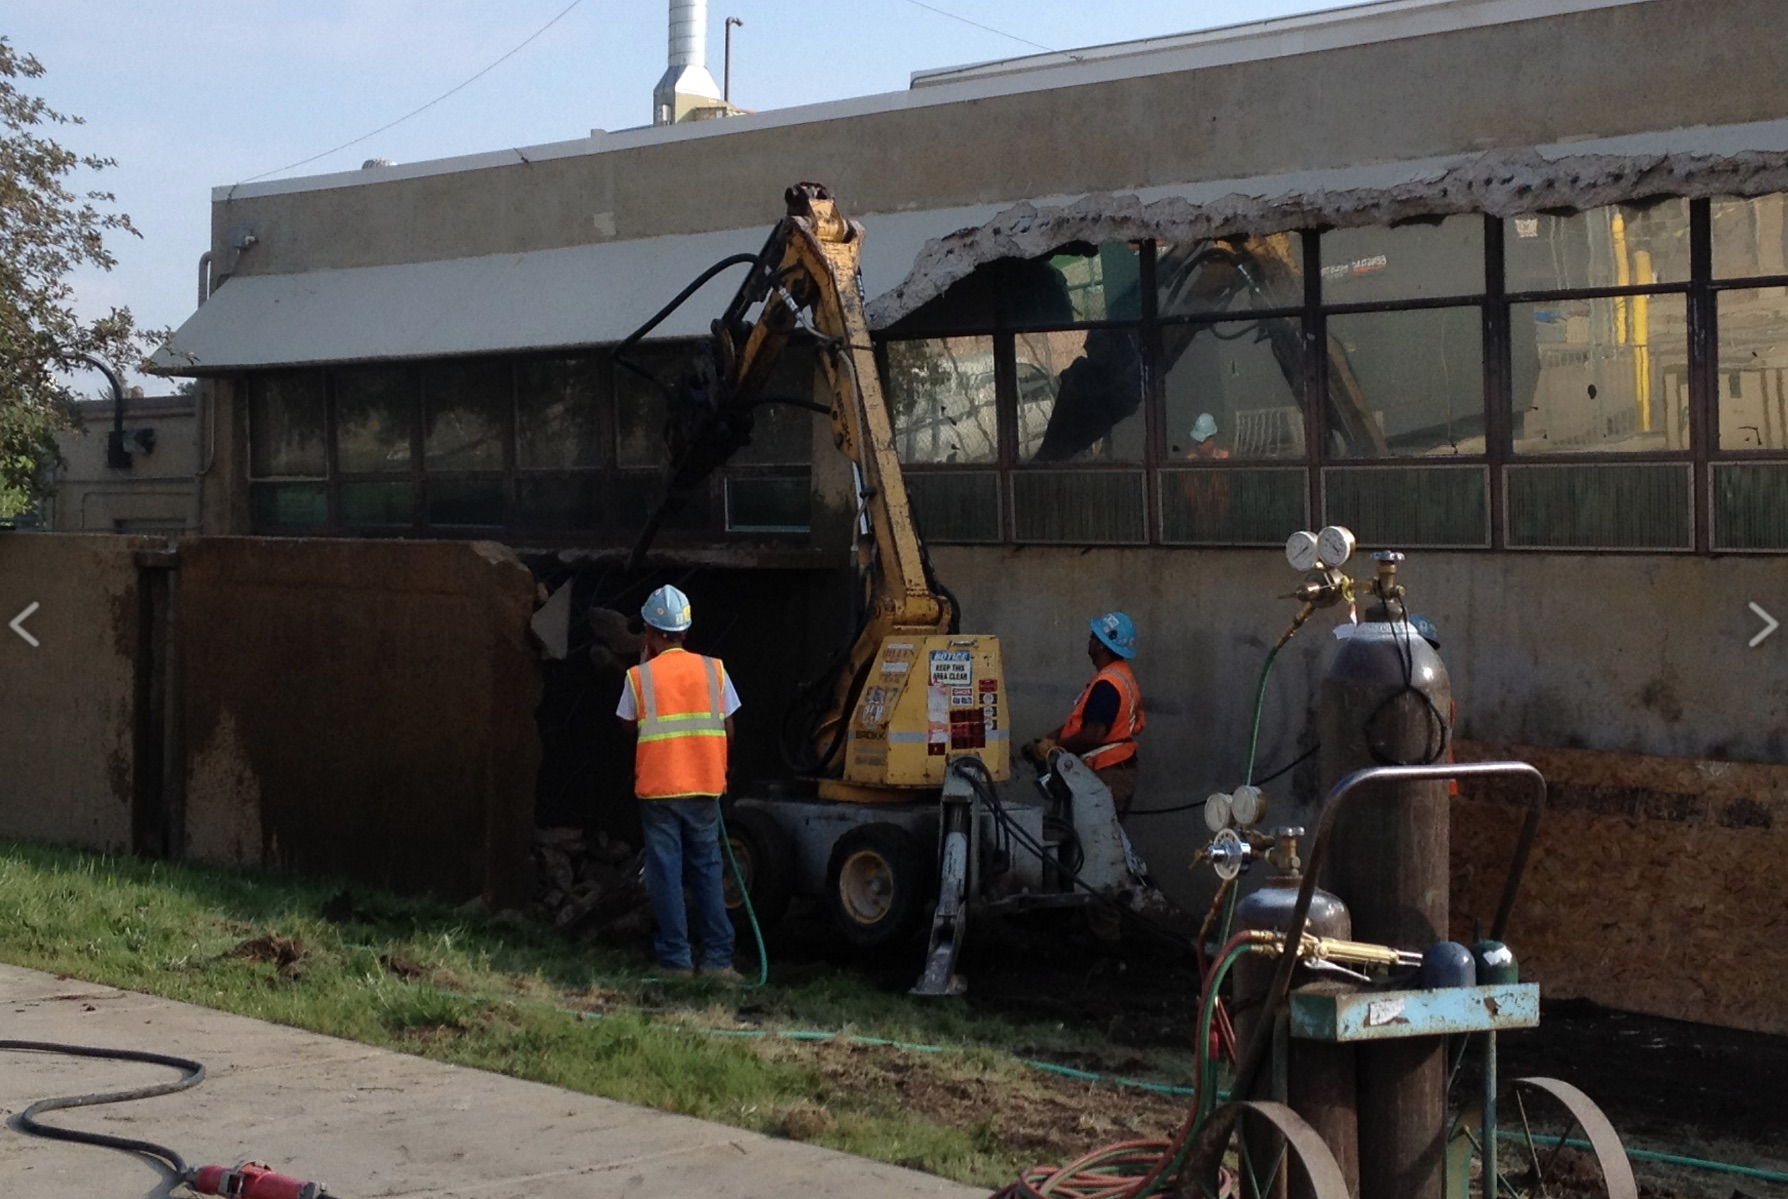 hillen-demolition-8.jpg